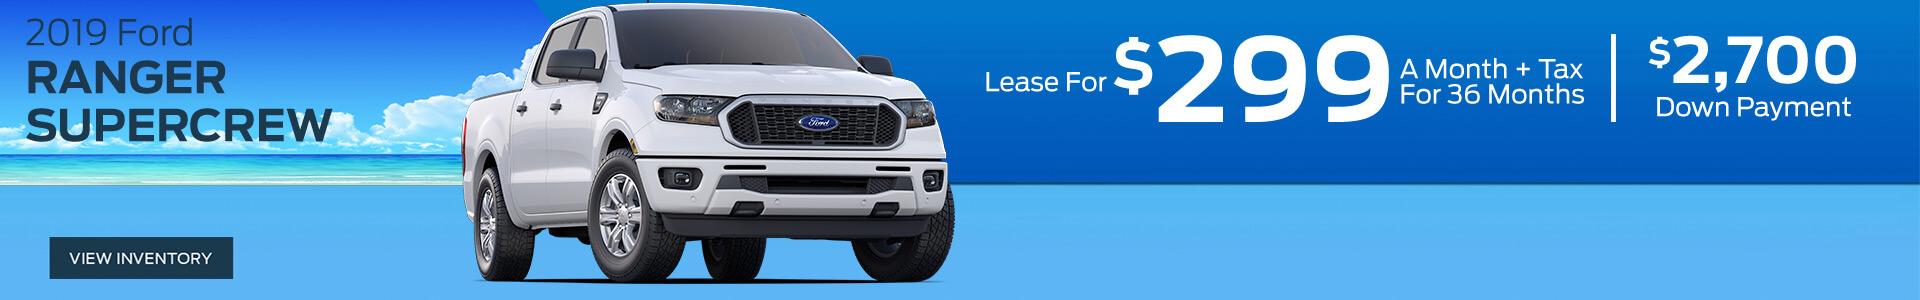 Ford Ranger - Lease for $299